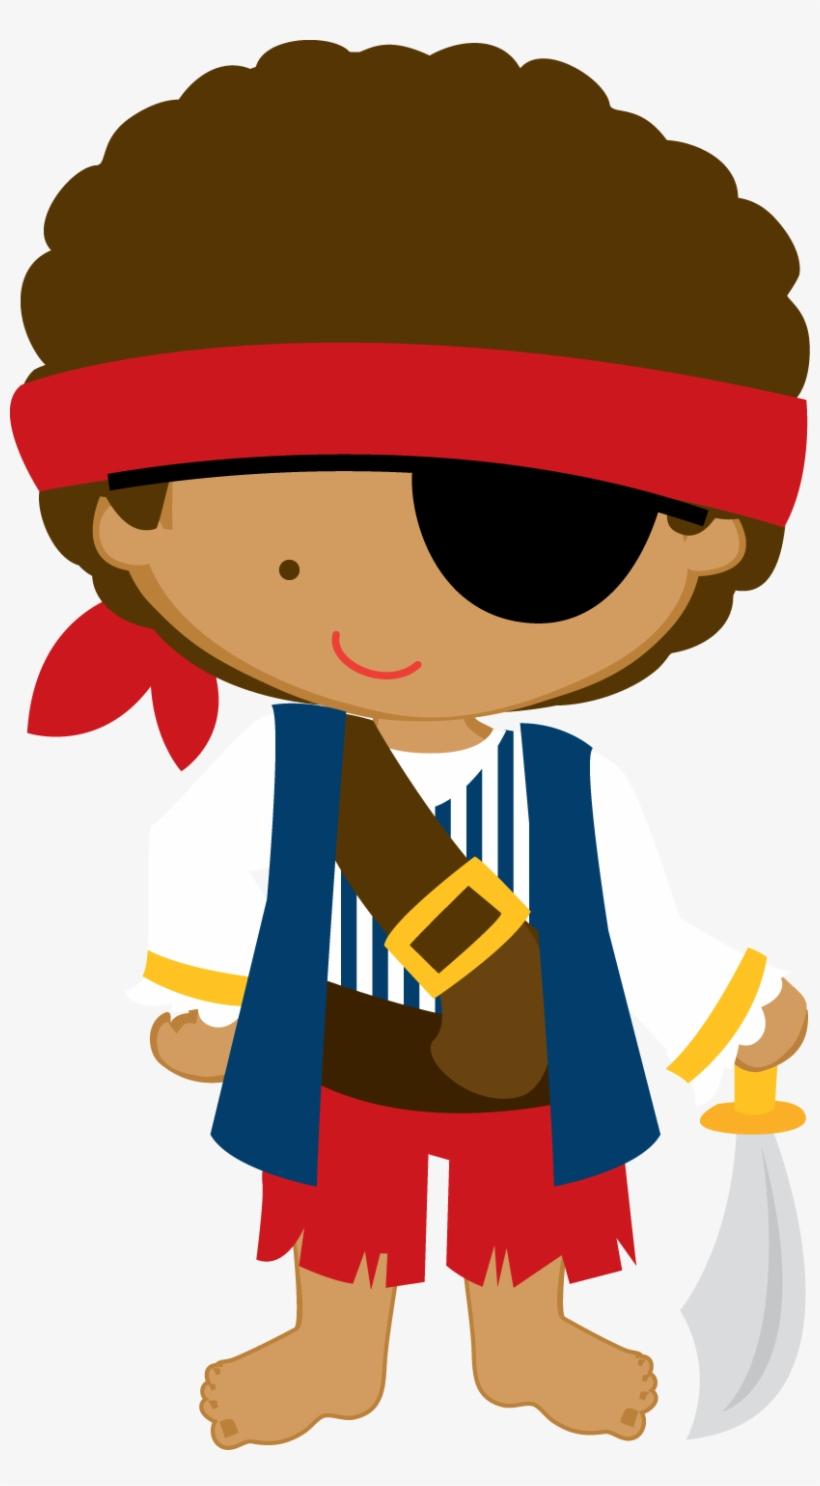 Pirate Clip Art, Pirate Party, Pirate Kids, Pirate - Minus ...